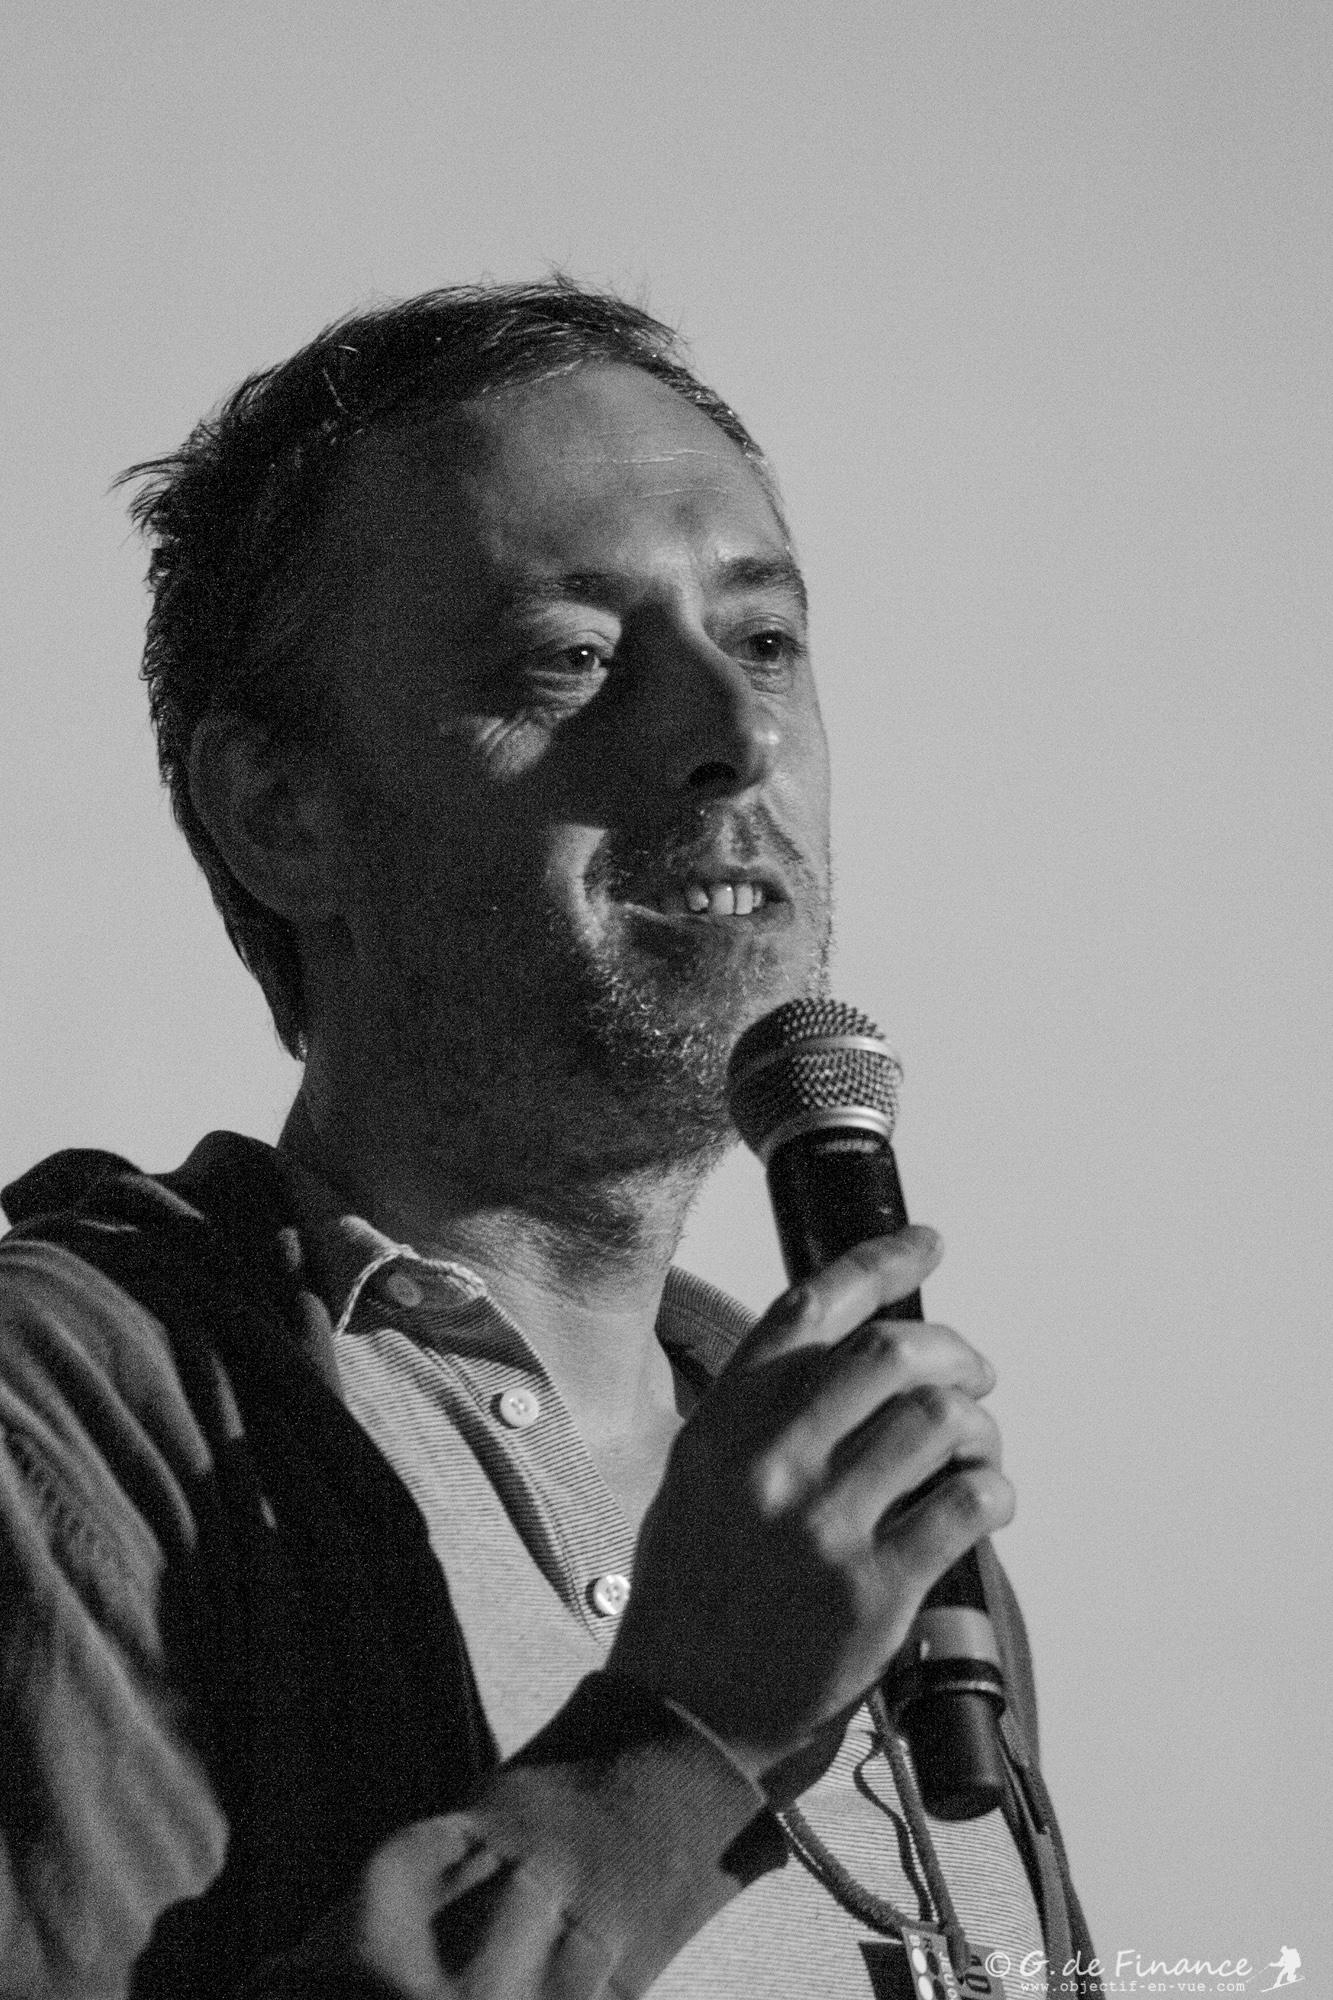 Cyriel Leuthy